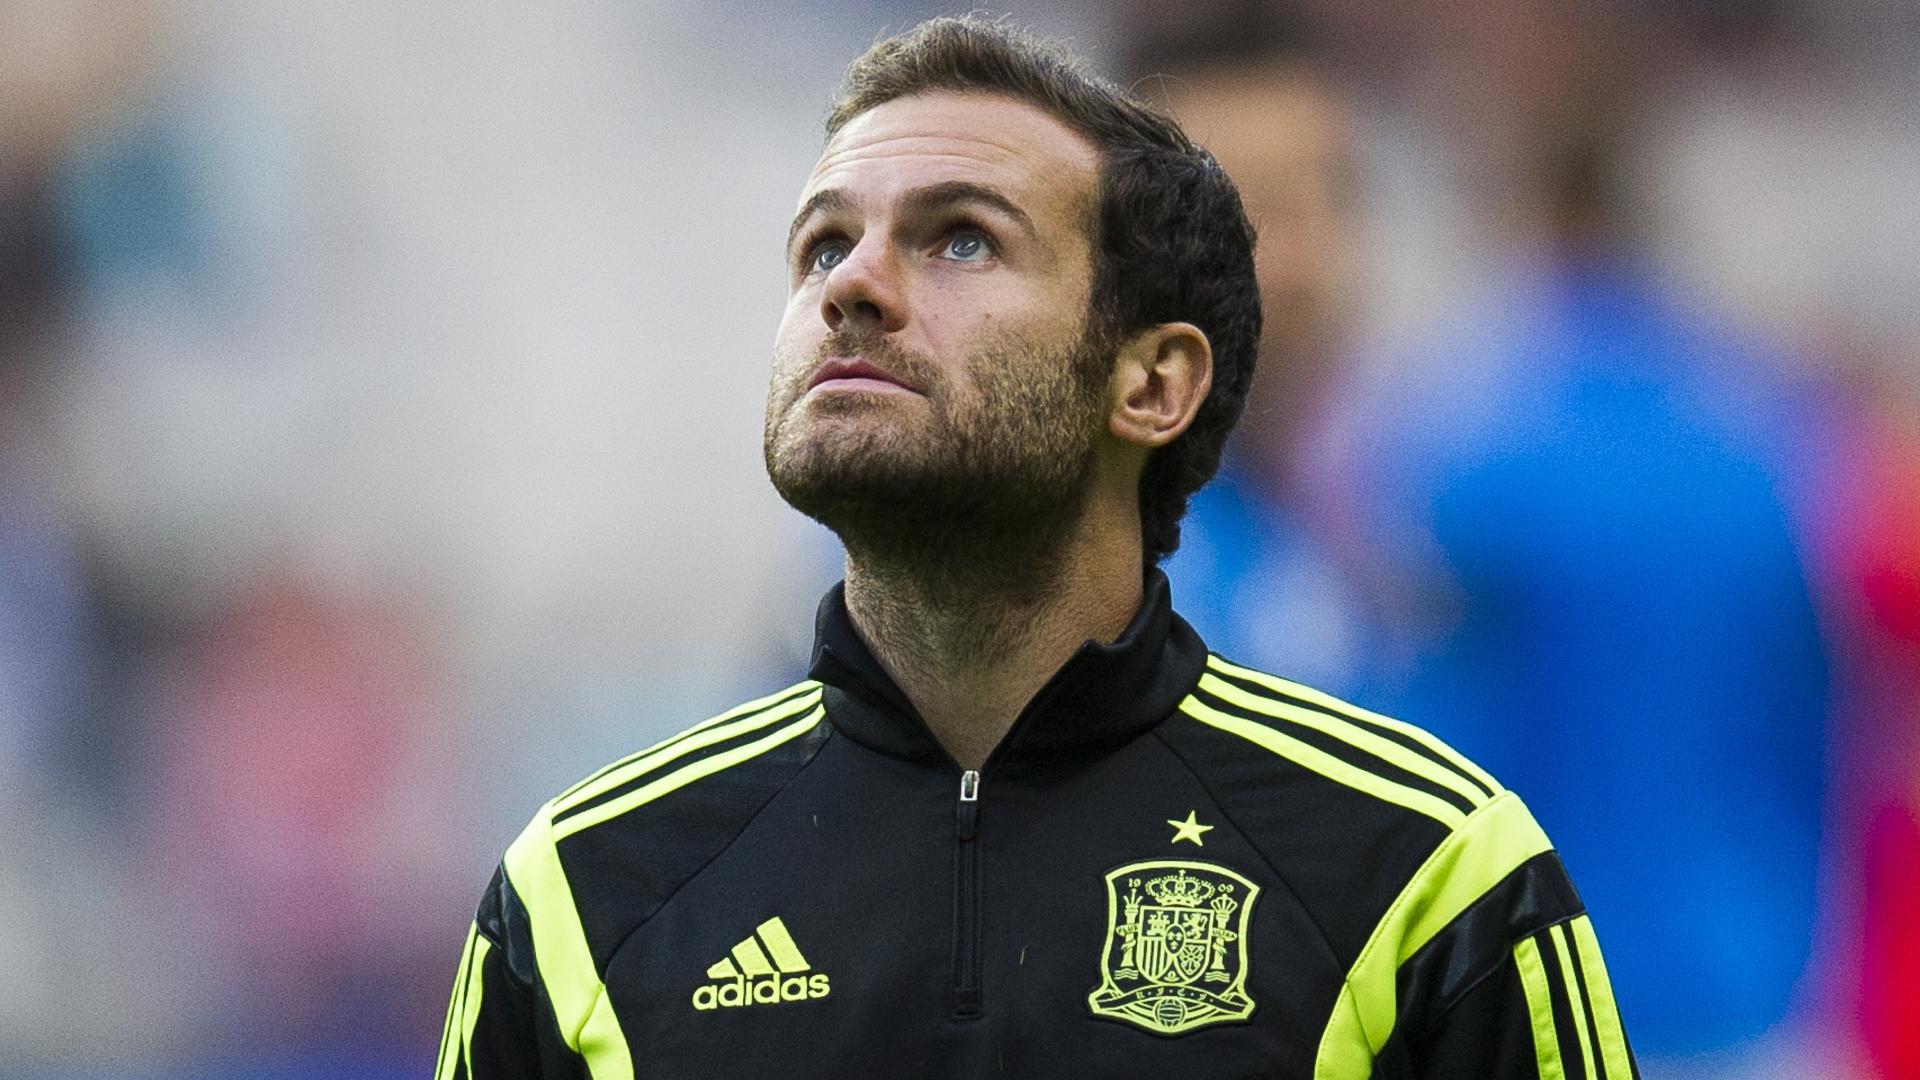 Juan Mata, Spain